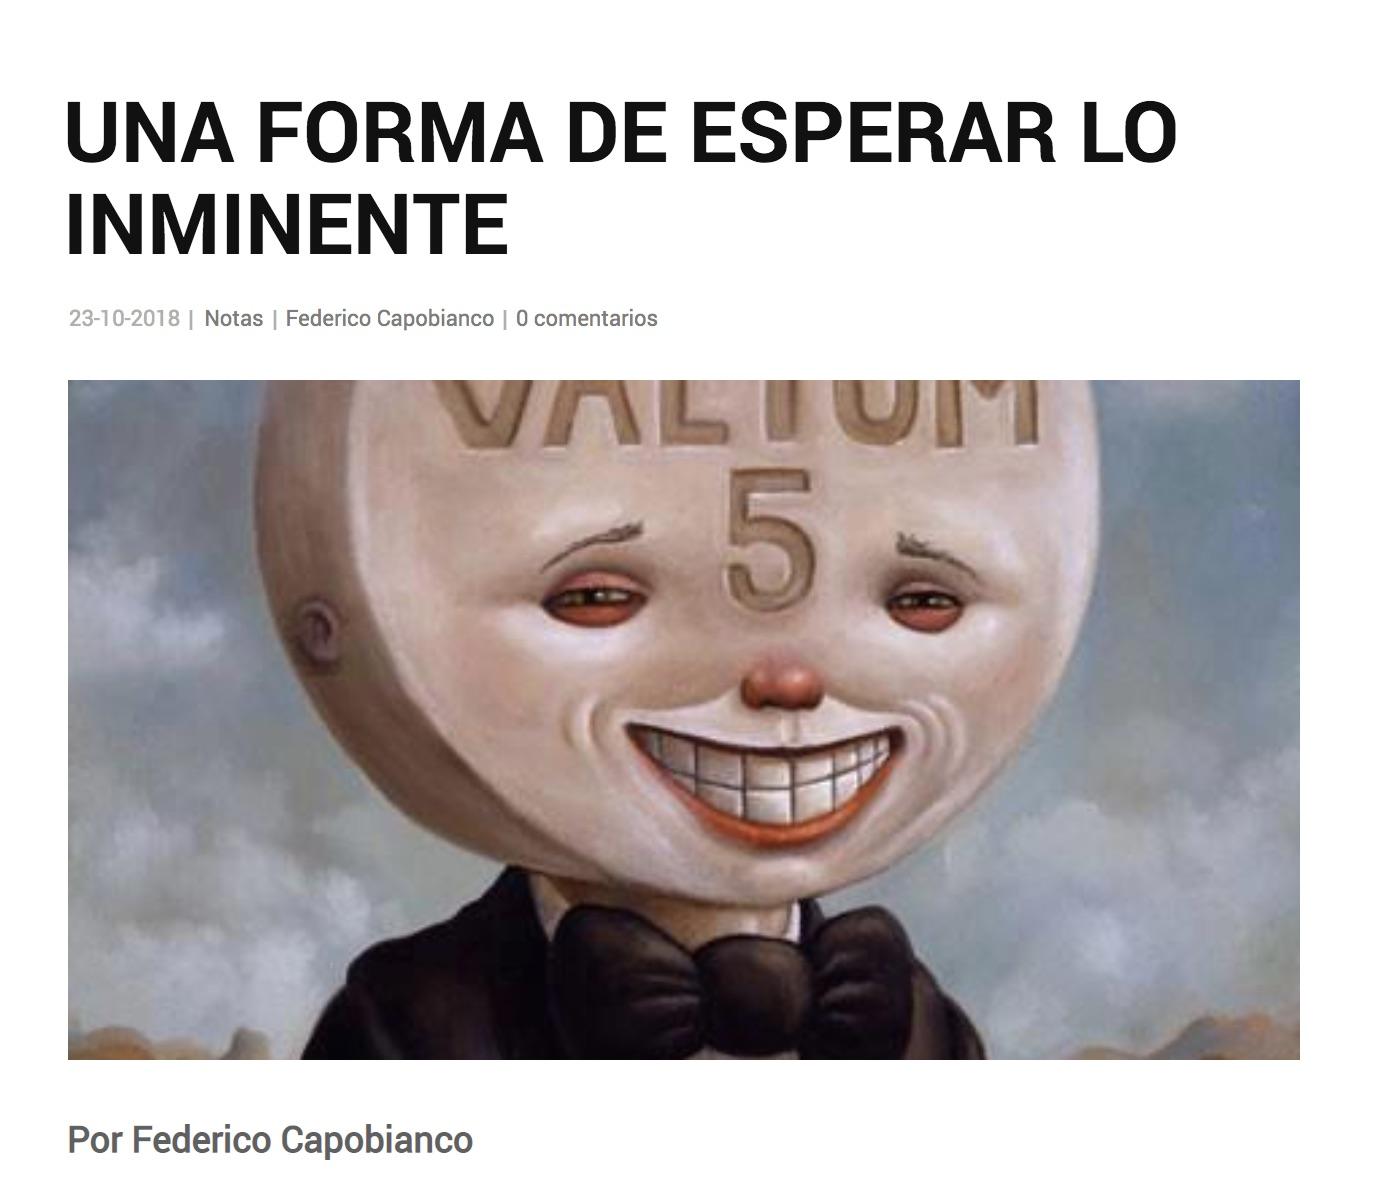 Reseña en Revista Polvo - por Federico Capobianco